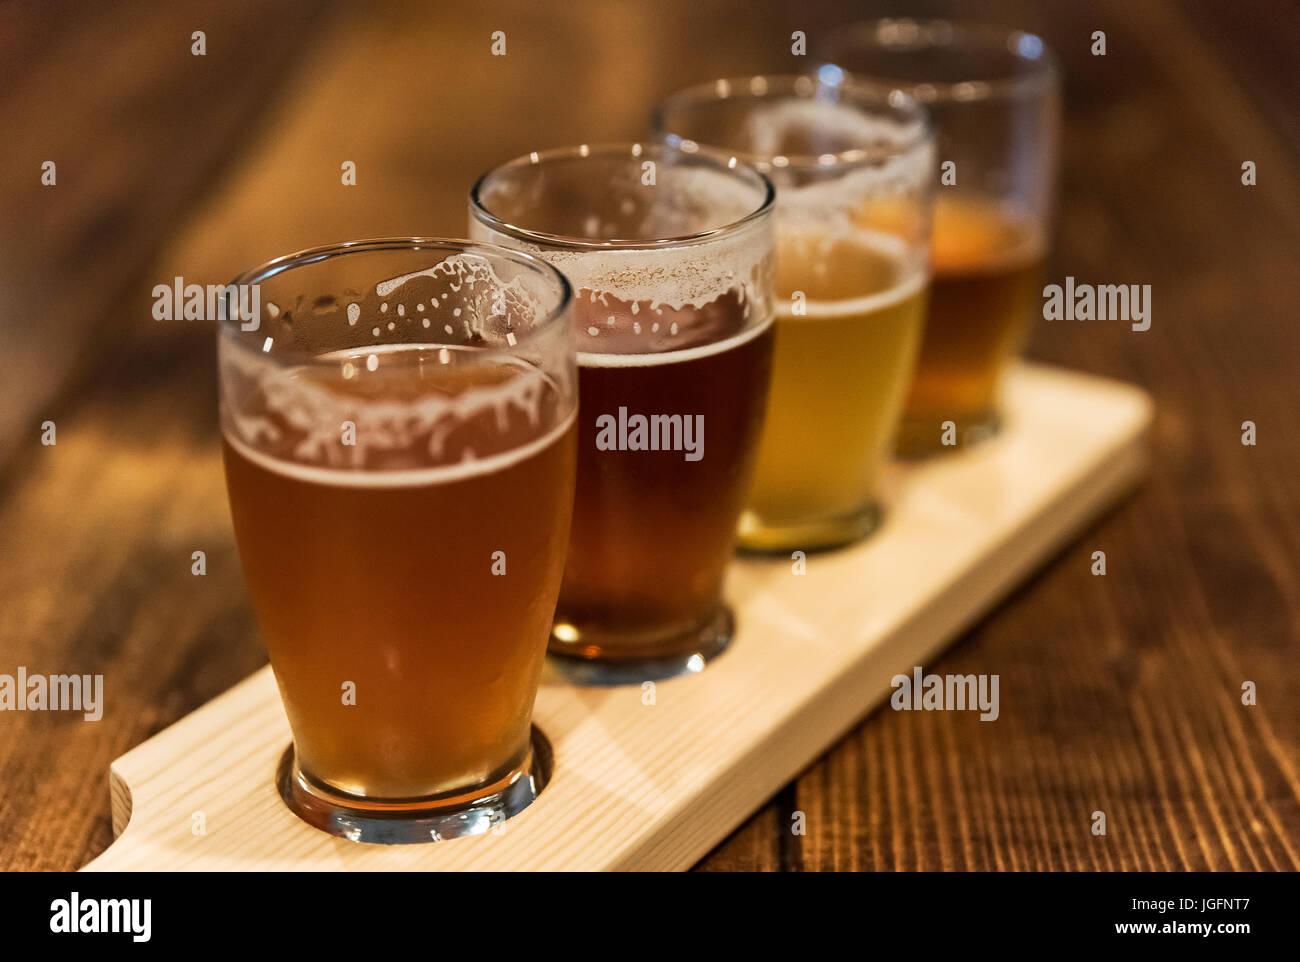 Un assortimento di birra artigianale dei campioni a una micro-birreria. Foto Stock